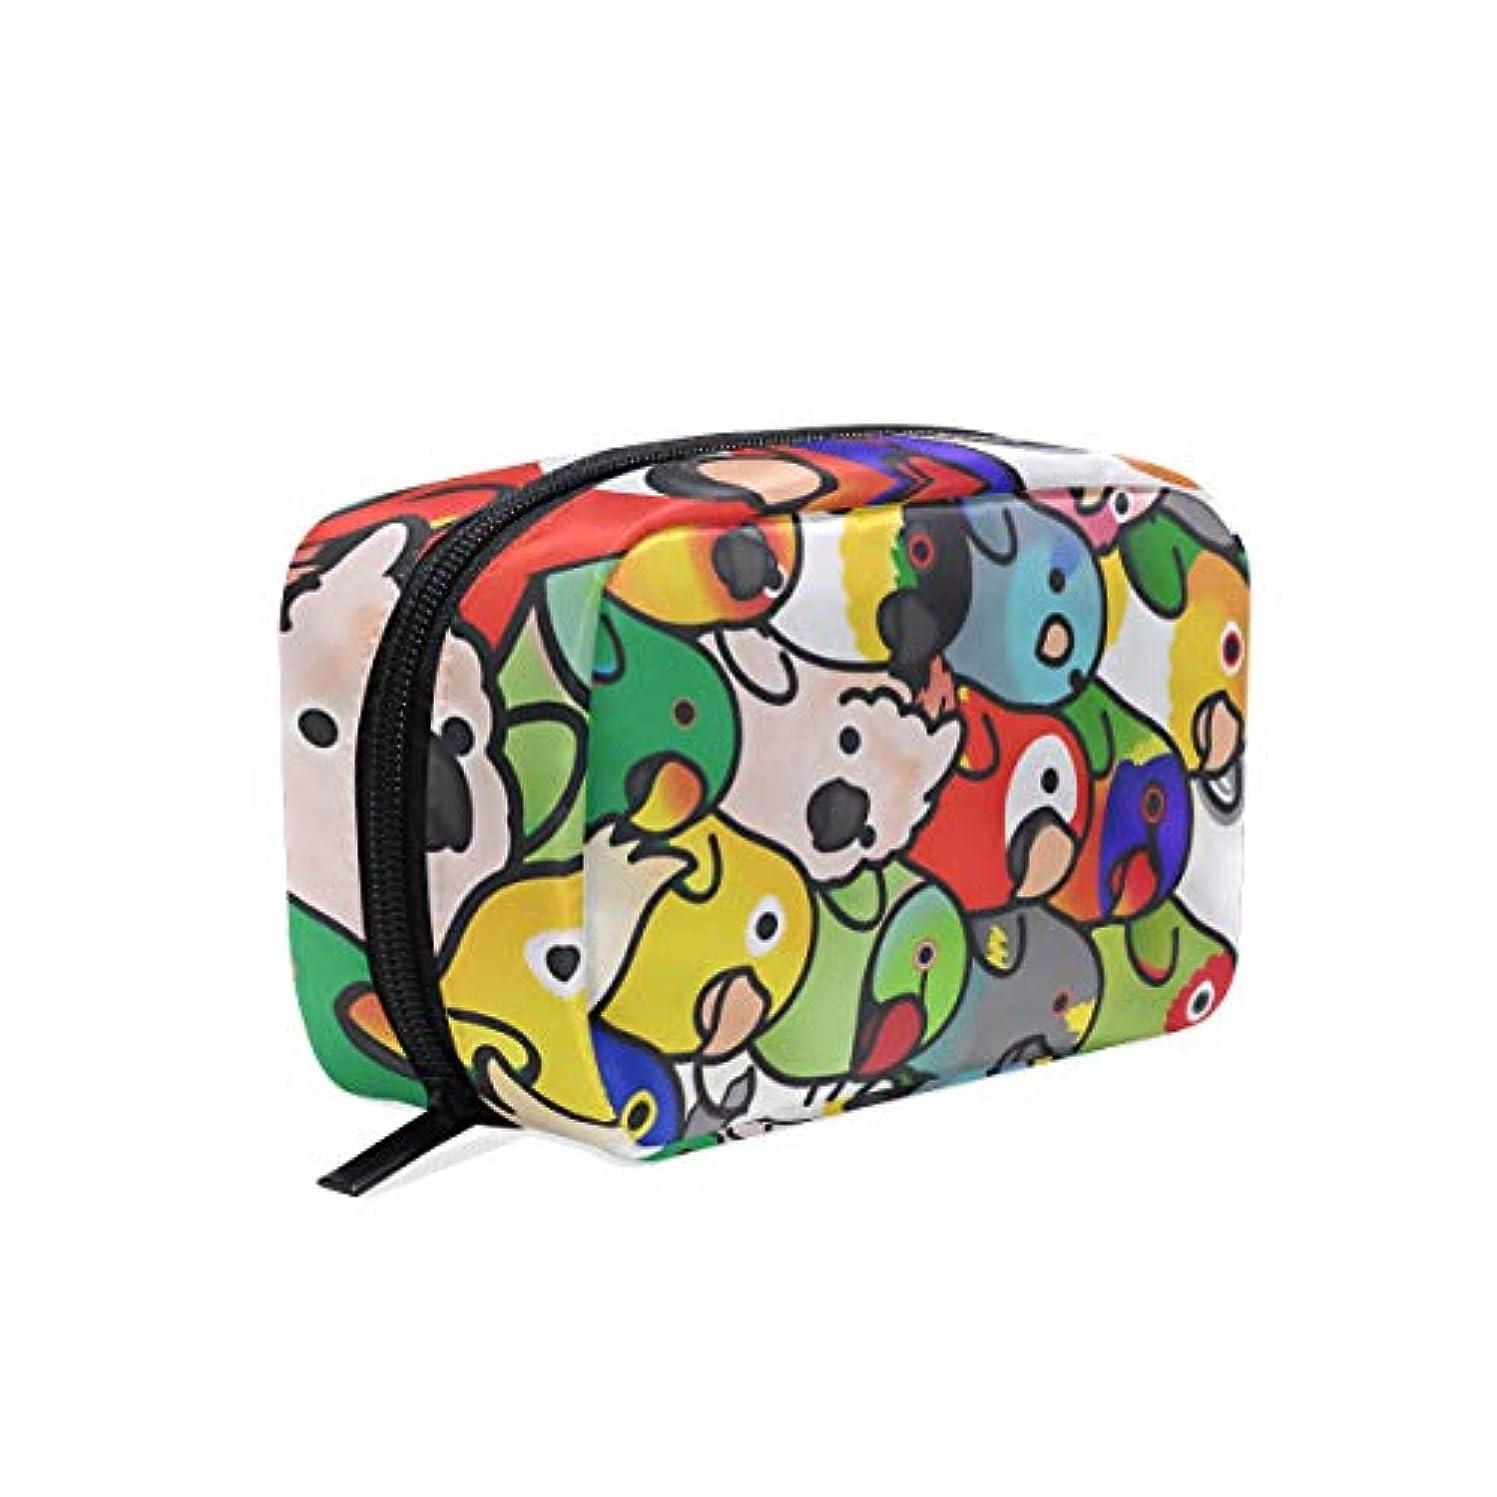 鳥 鸚鵡 こんごういんこ 化粧品袋 ジッパーと繊細な印刷パターン付き 列車 旅行 荷物梱包用 女の子へのプレゼント Parrots Lovebird Macaw